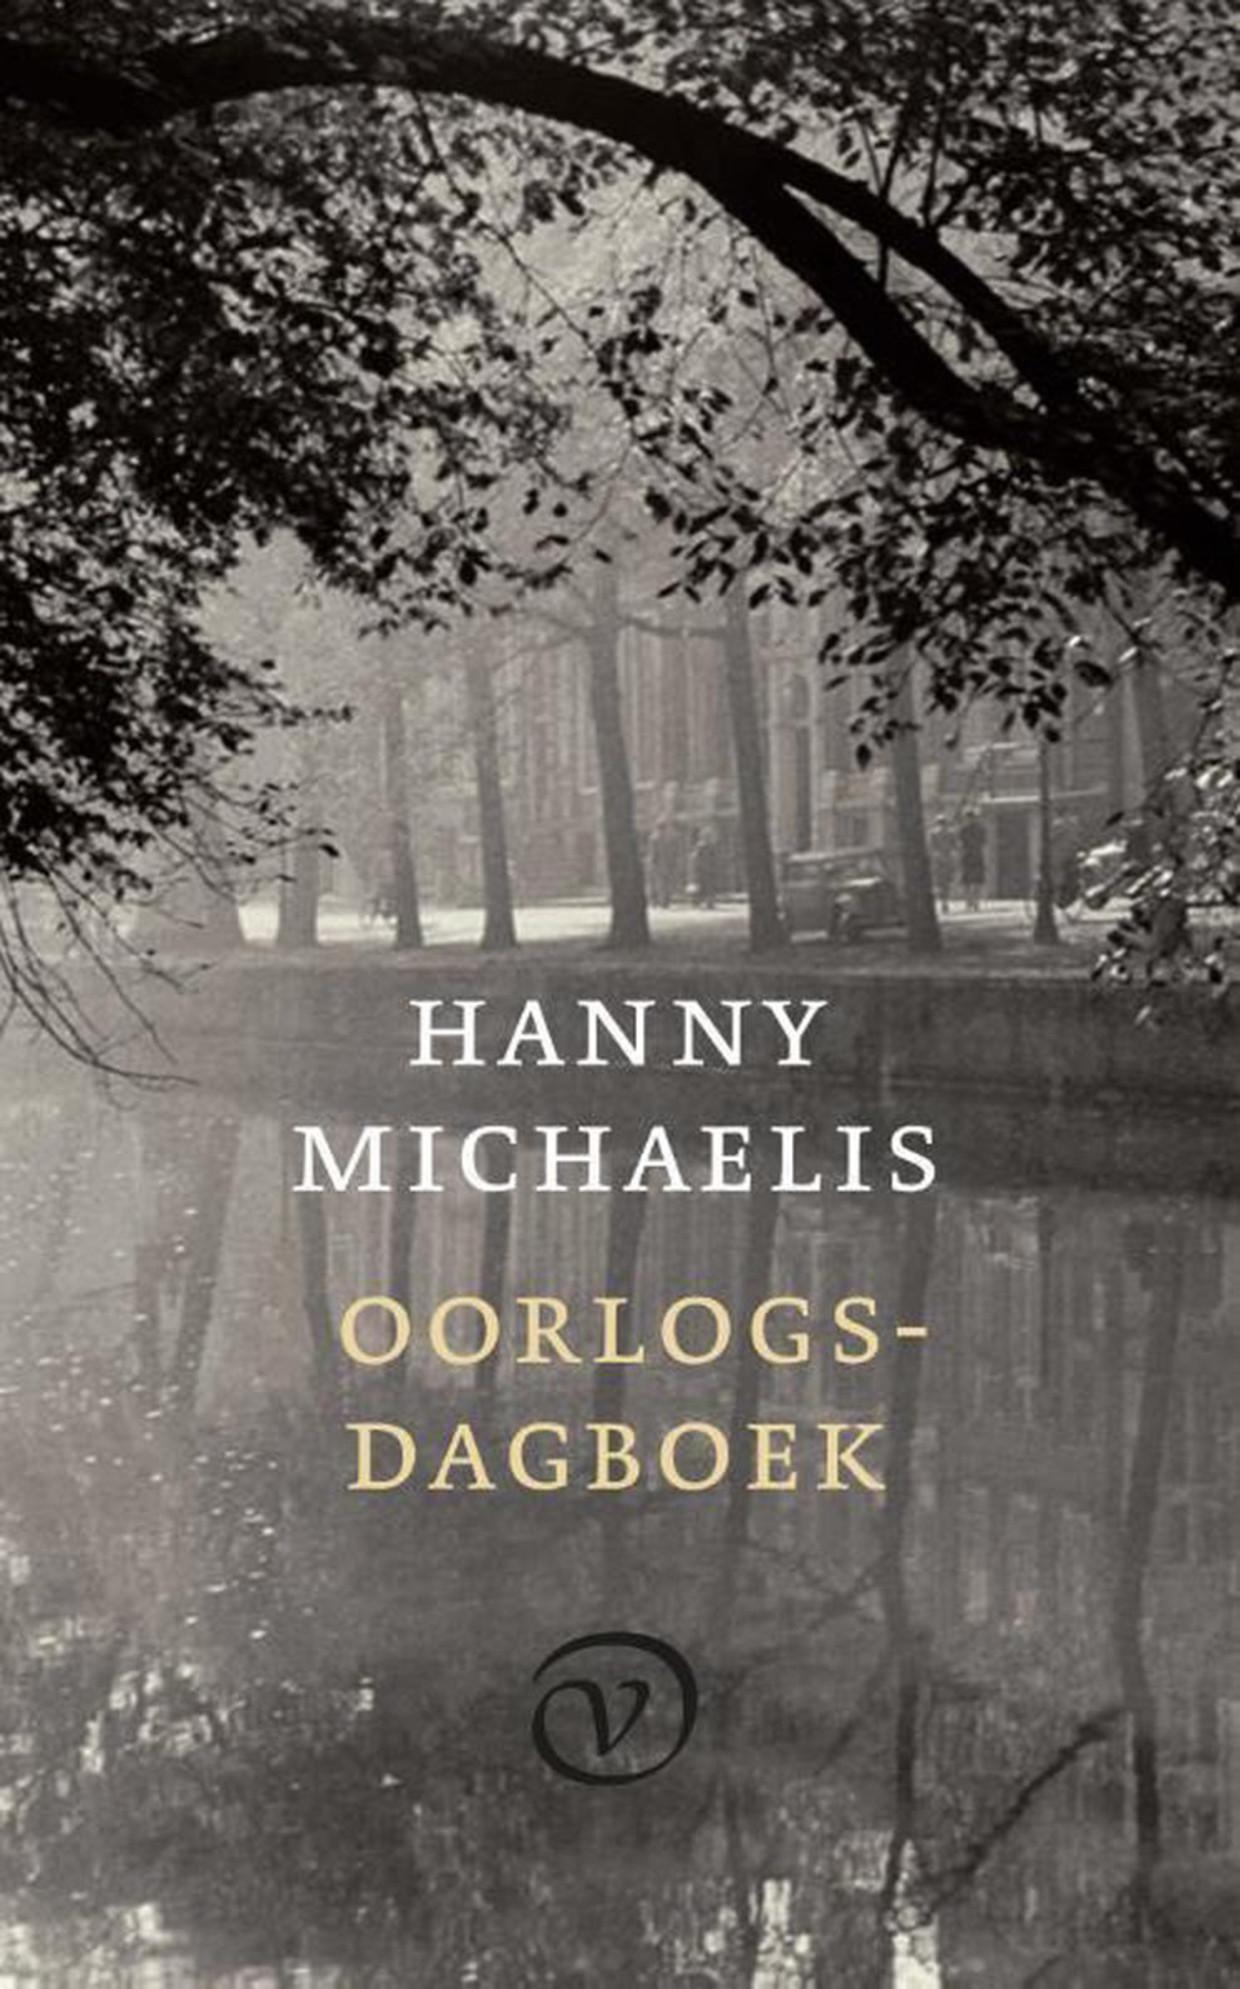 Oorlogsdagboek 1940-1945, Hanny Michaelis